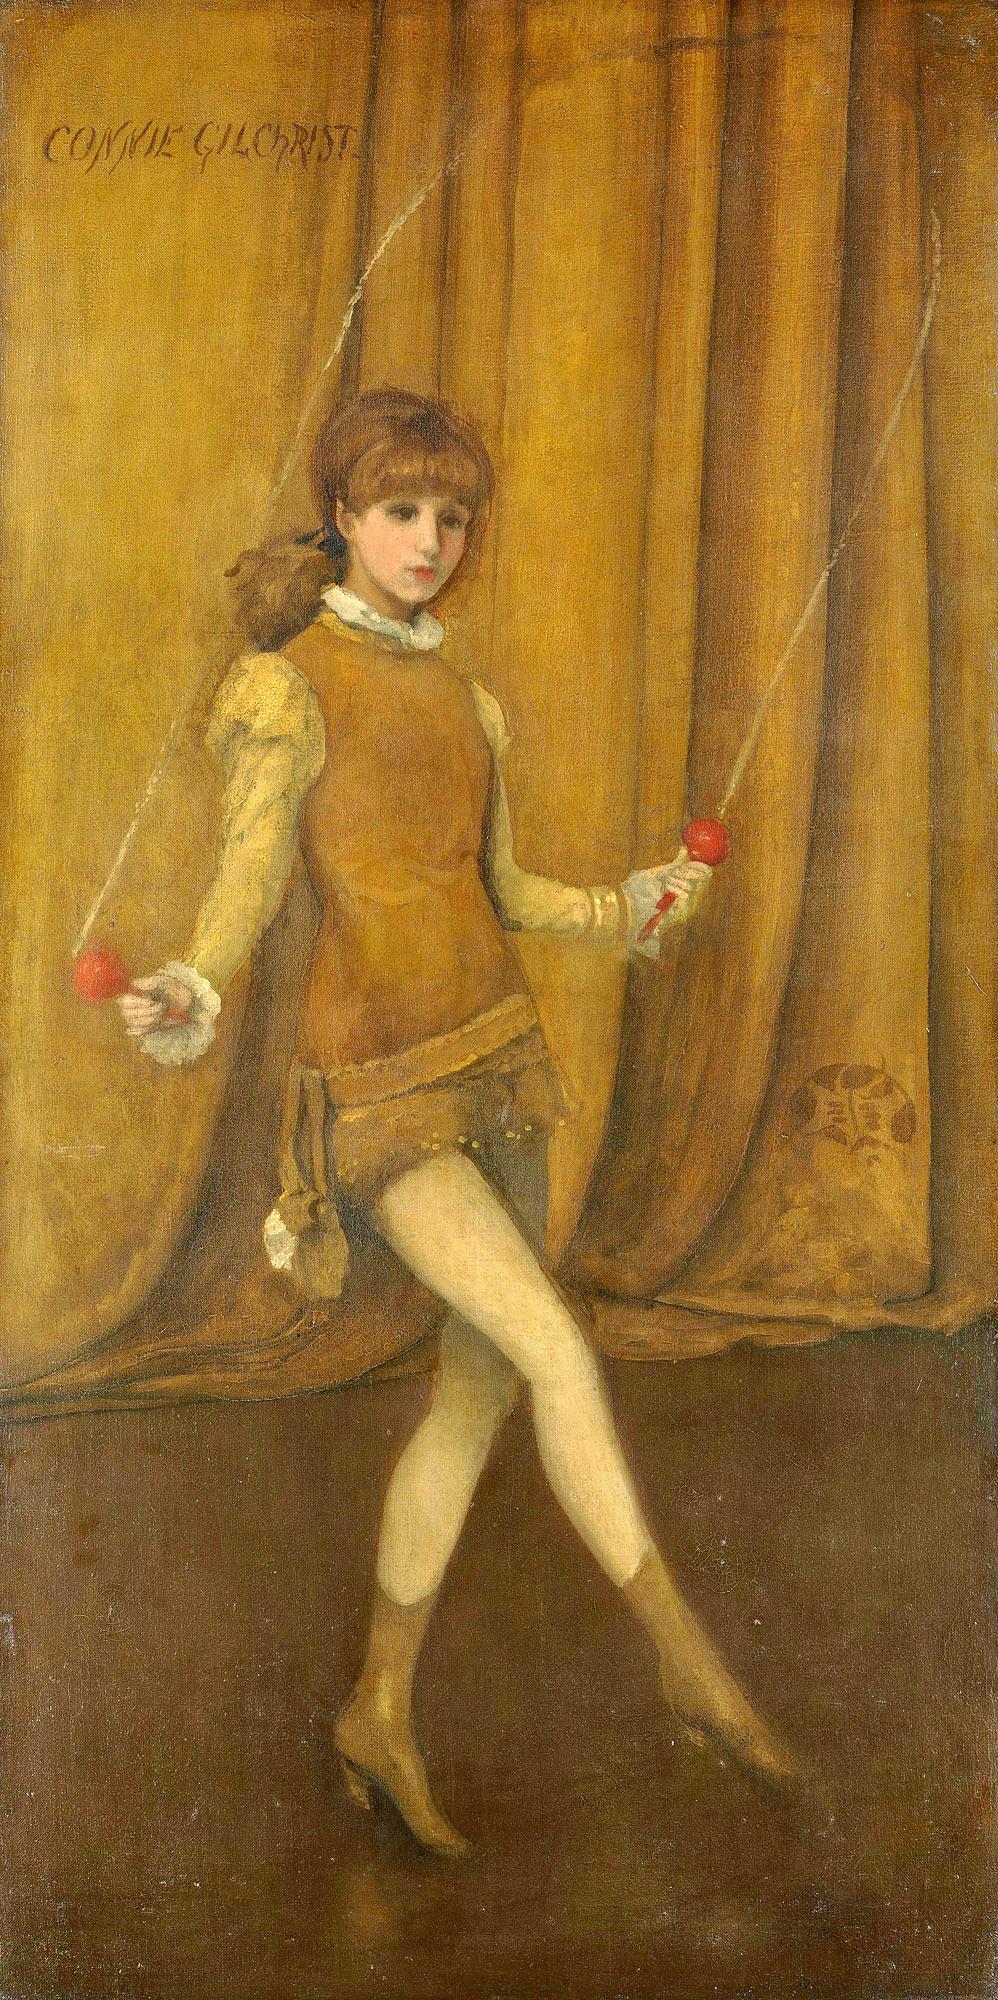 Гармония в желтом и золотом: Золотая девочка—Конни Гилкрист